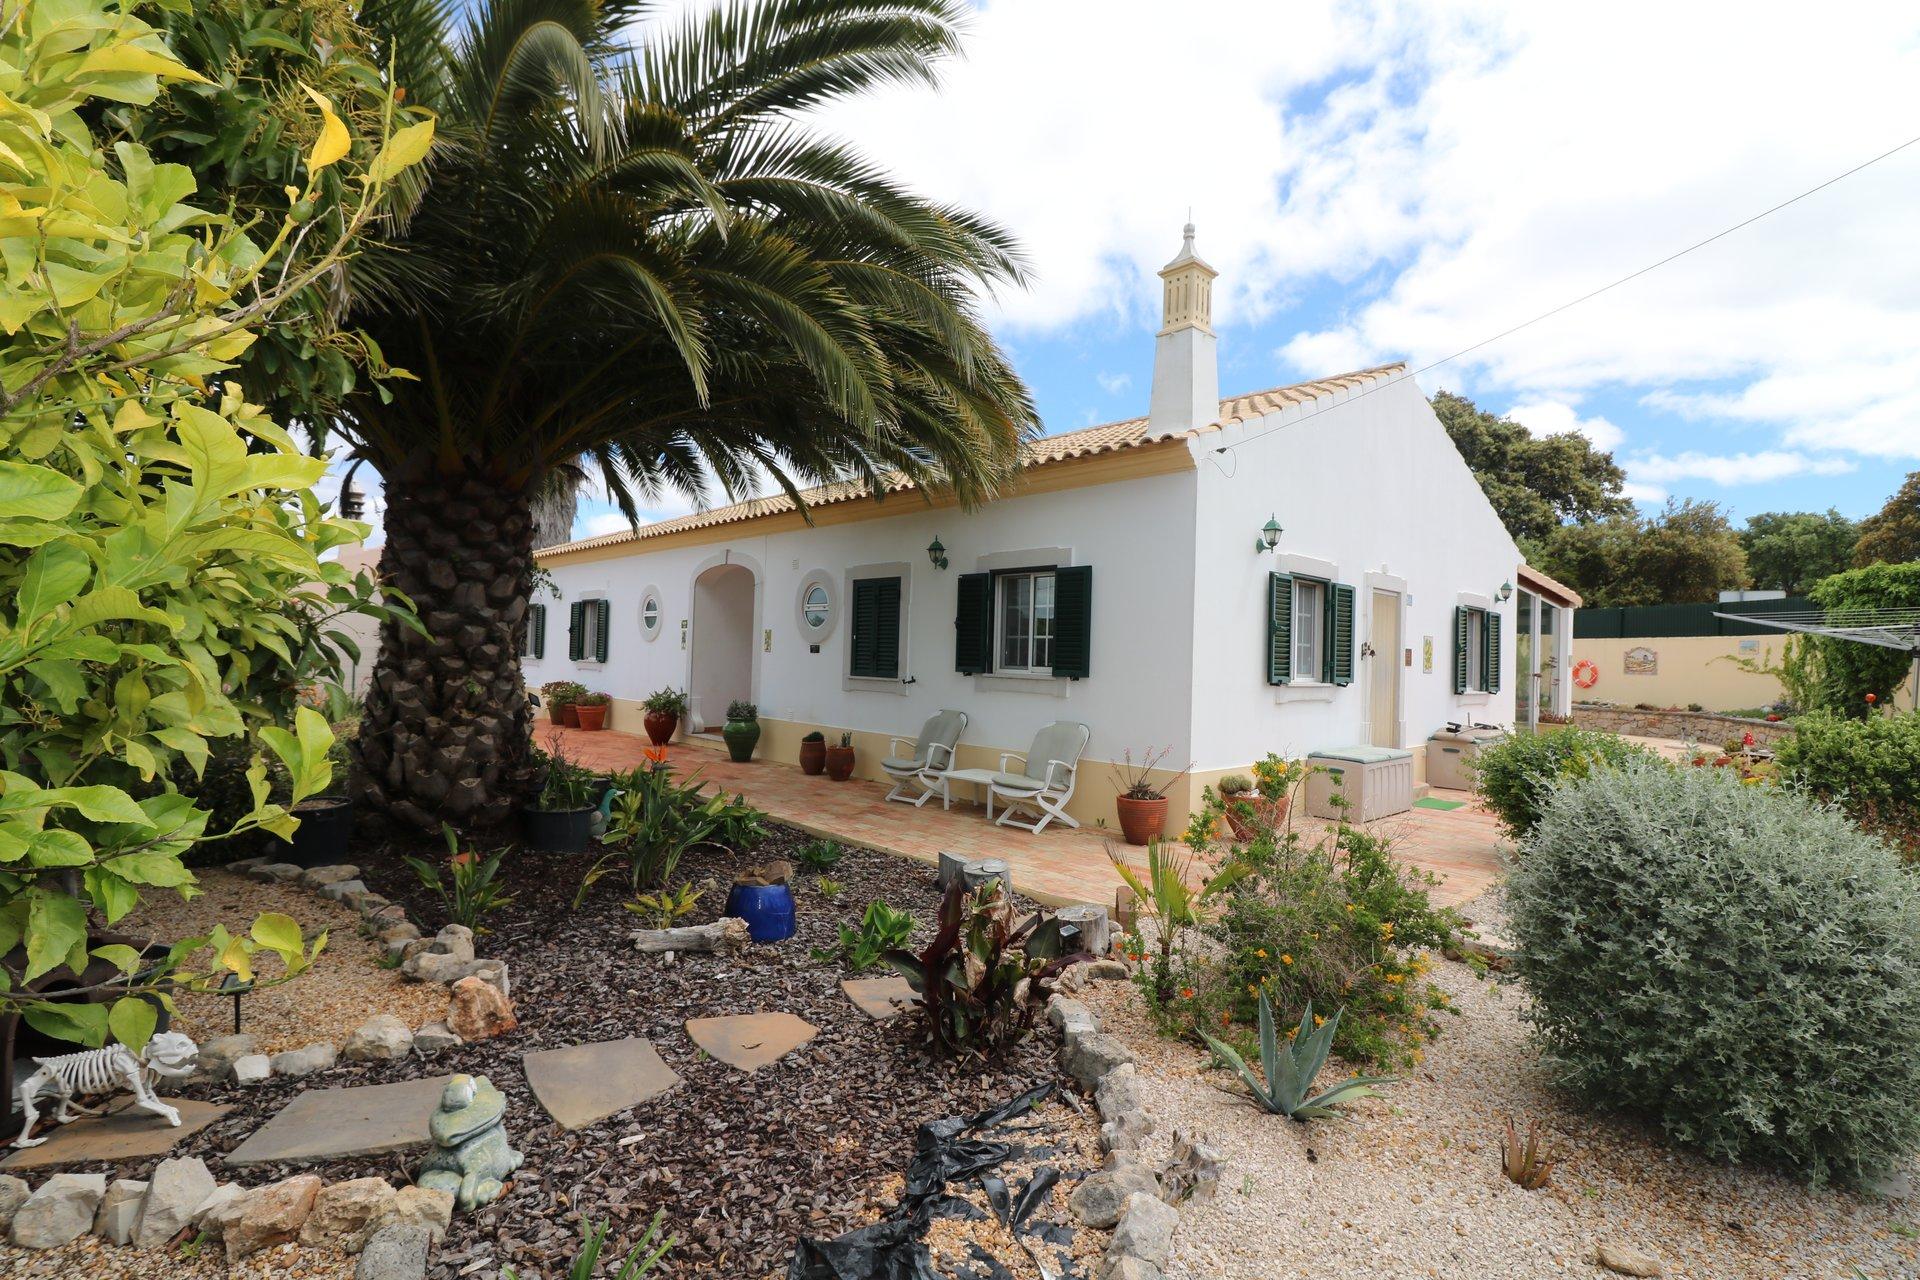 3 Bedroom Villa Sao Bras de Alportel, Central Algarve Ref: JV10352